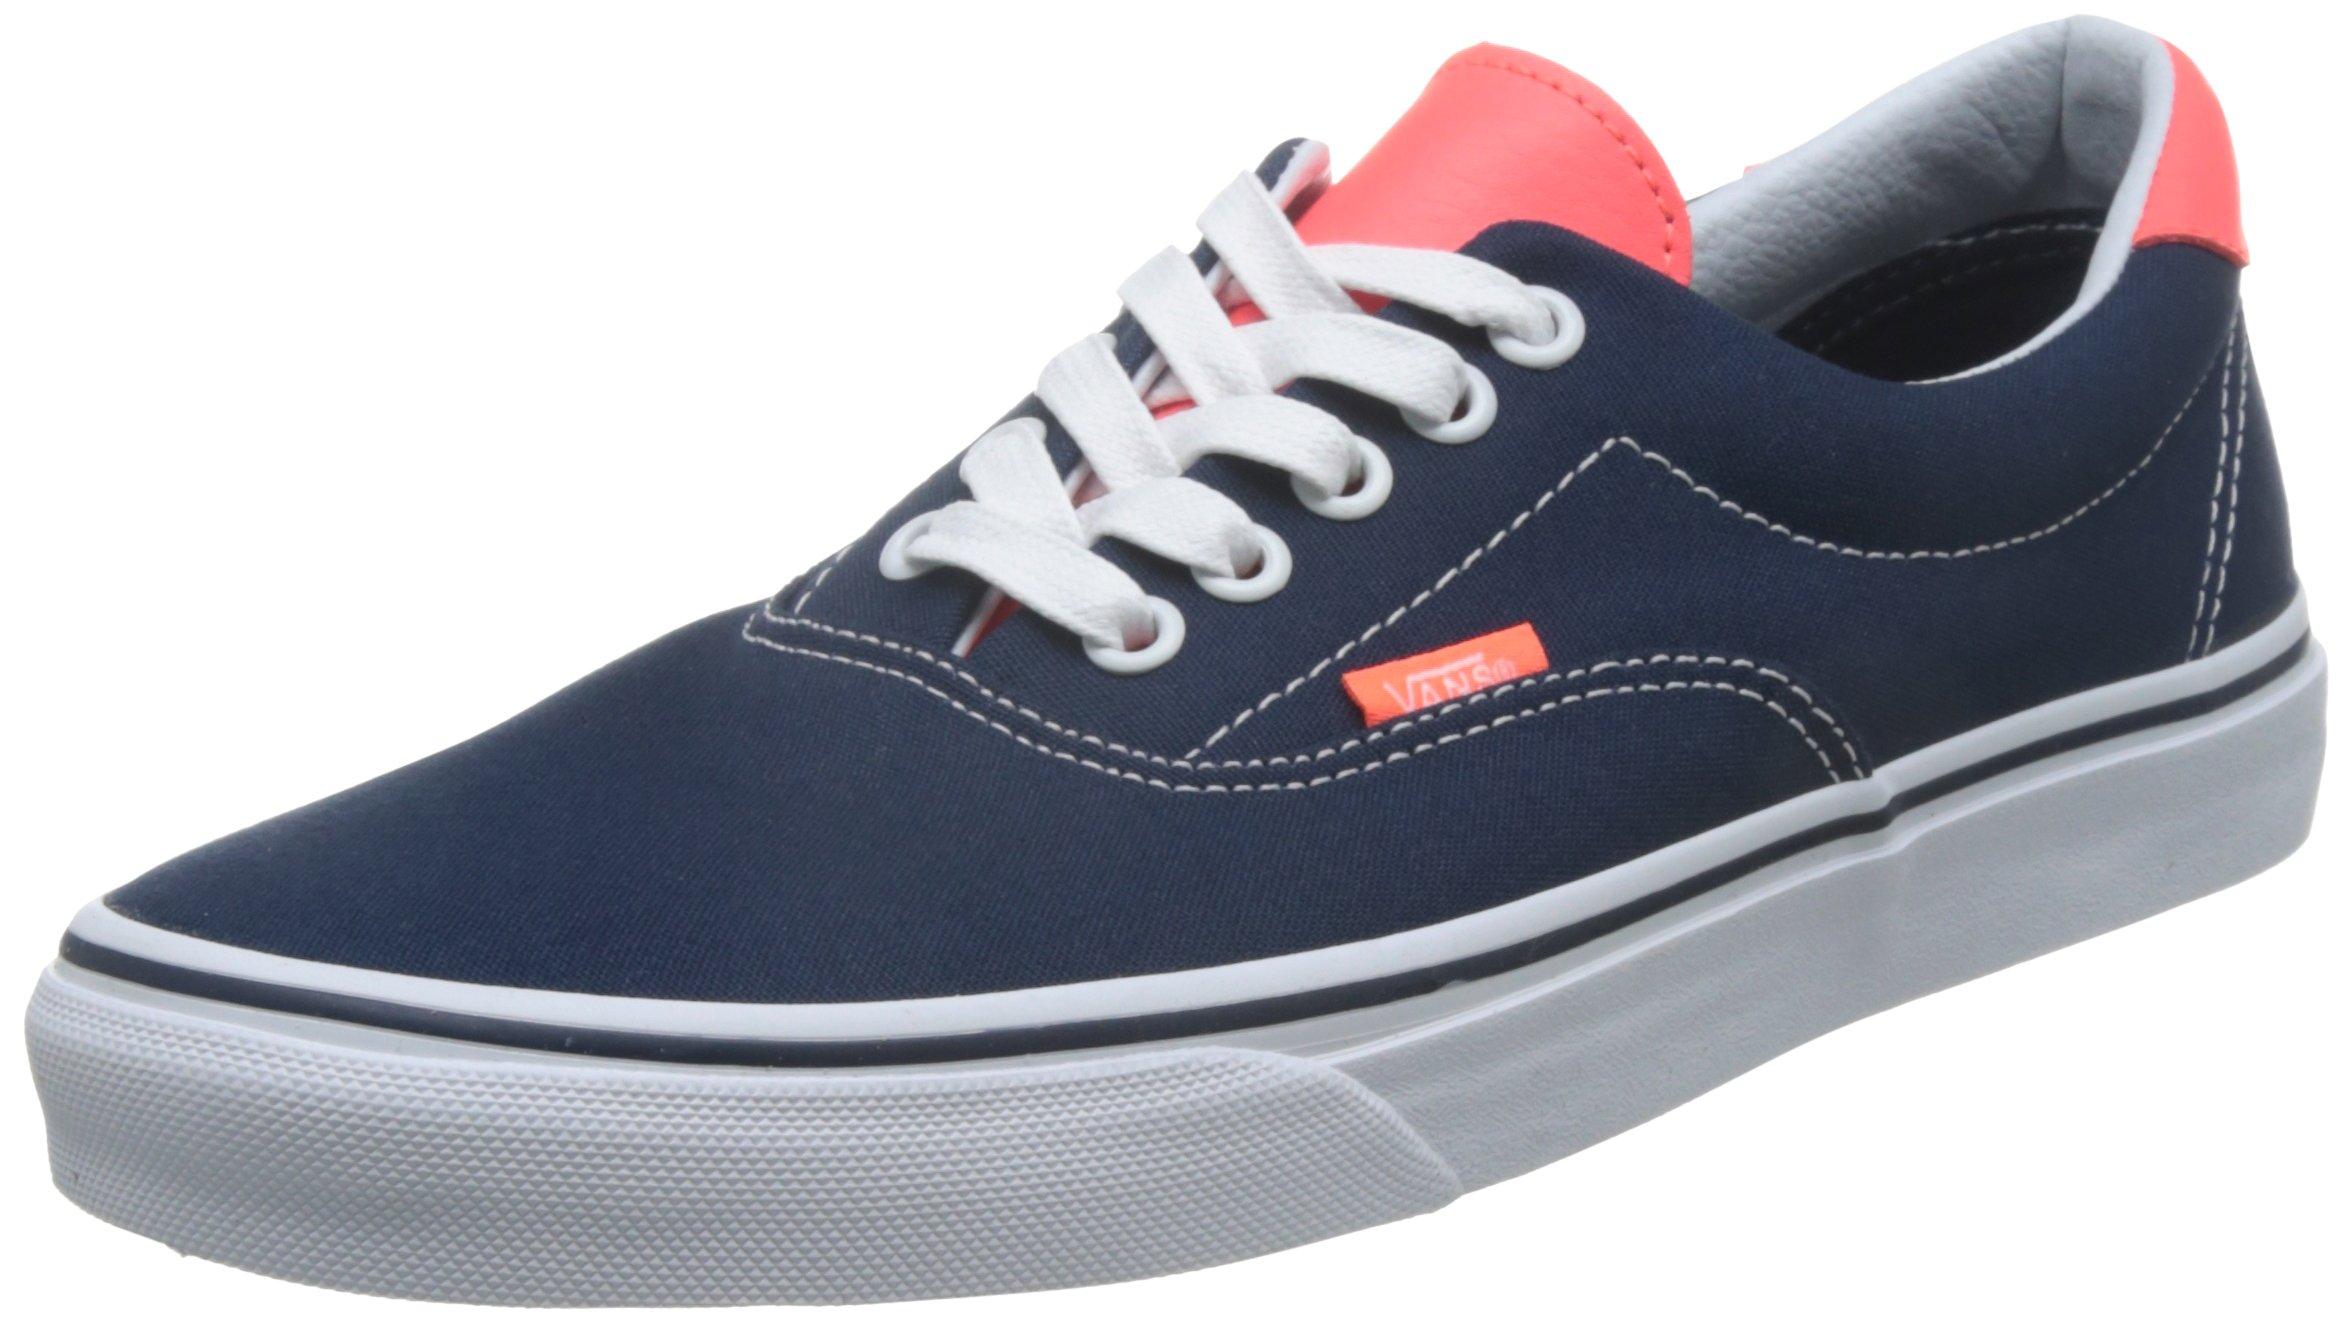 3e55f00b229d1d Galleon - Vans VA38FSMVK Unisex Neon Leather Era 59 (C L) Shoes ...